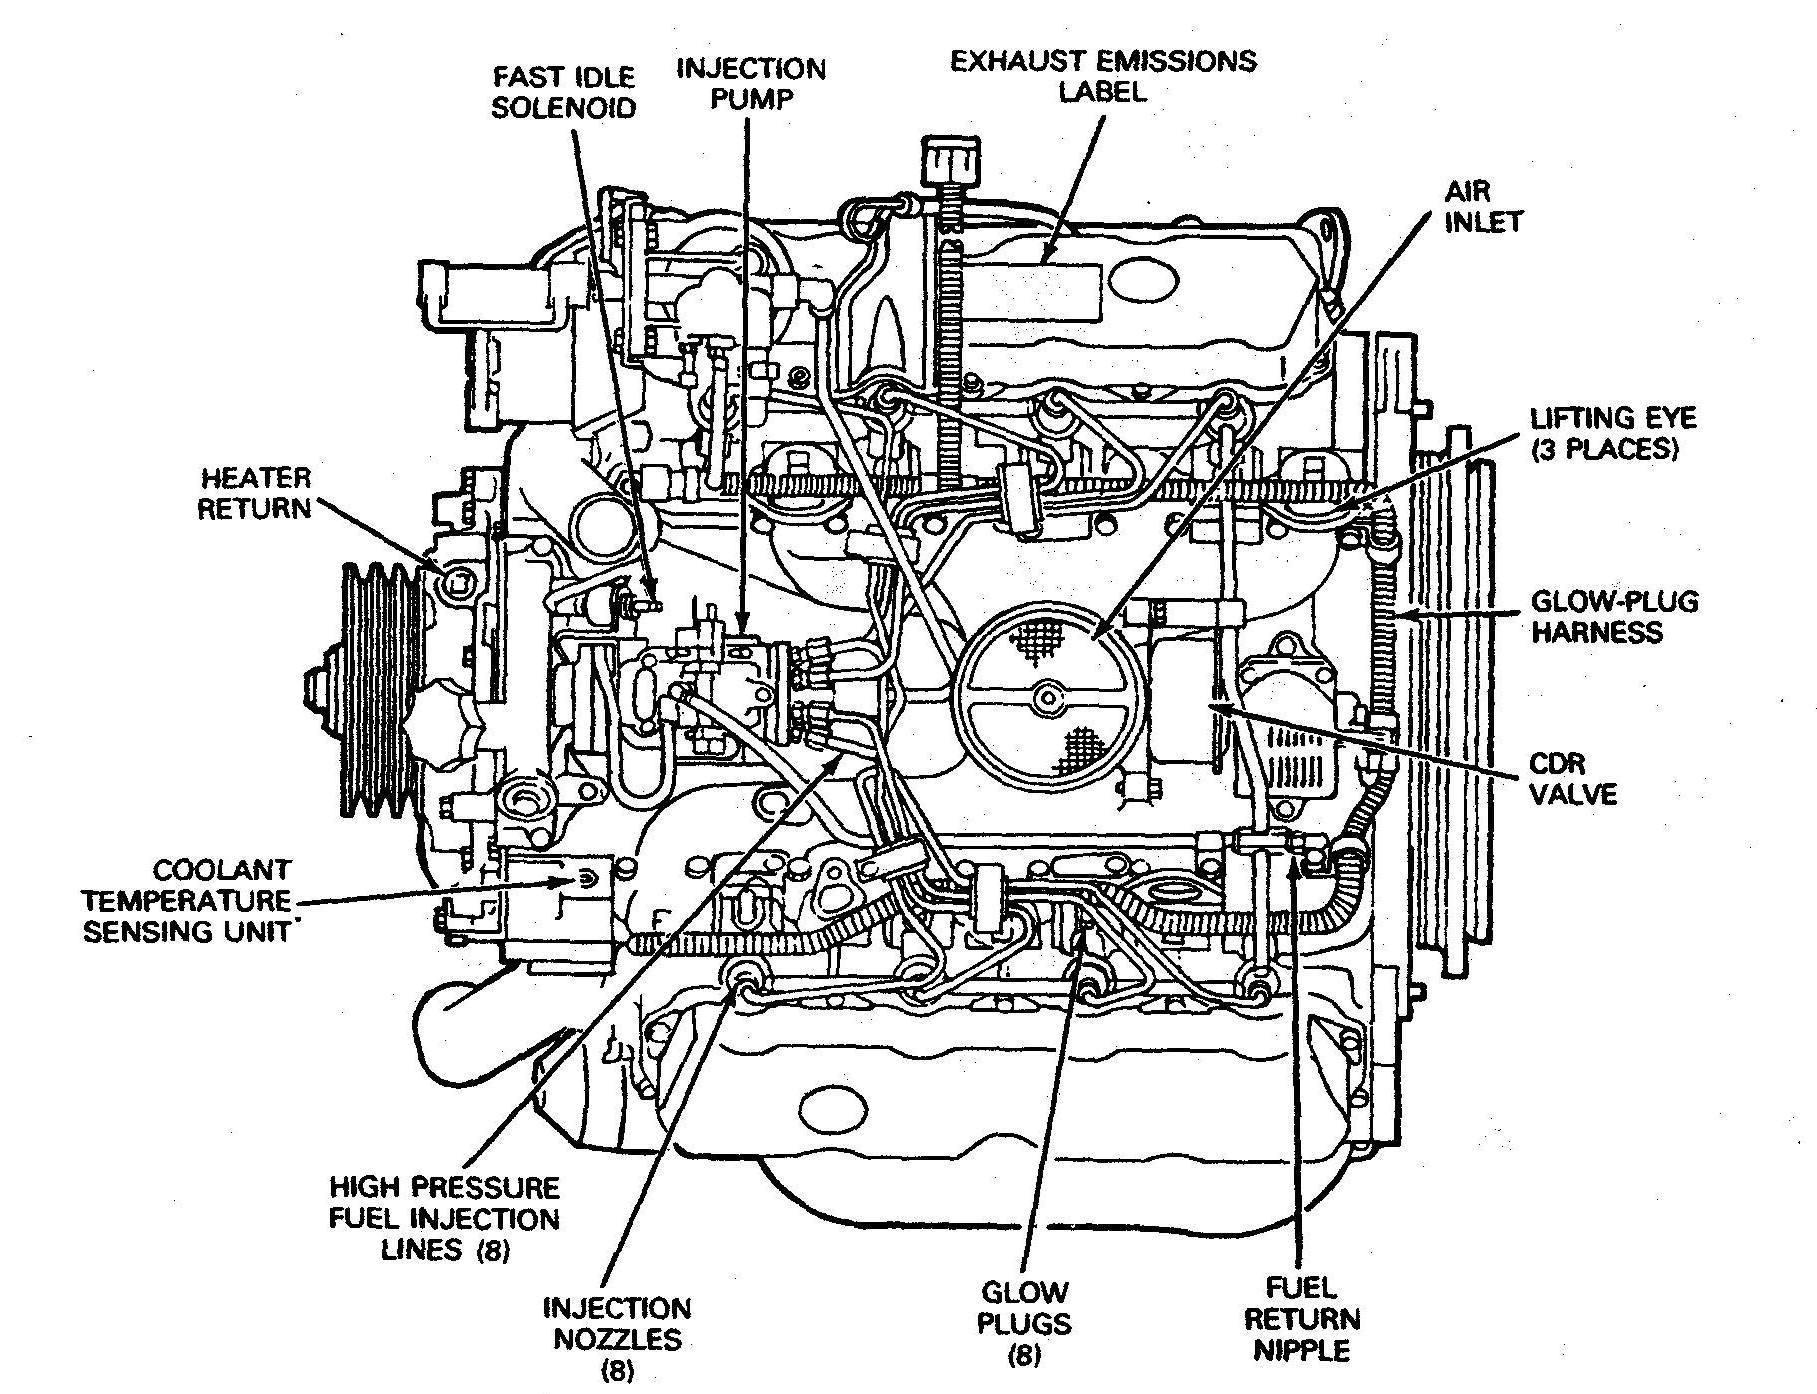 Car Diagram Parts Automotive Engine Diagram Wiring Diagrams Of Car Diagram Parts